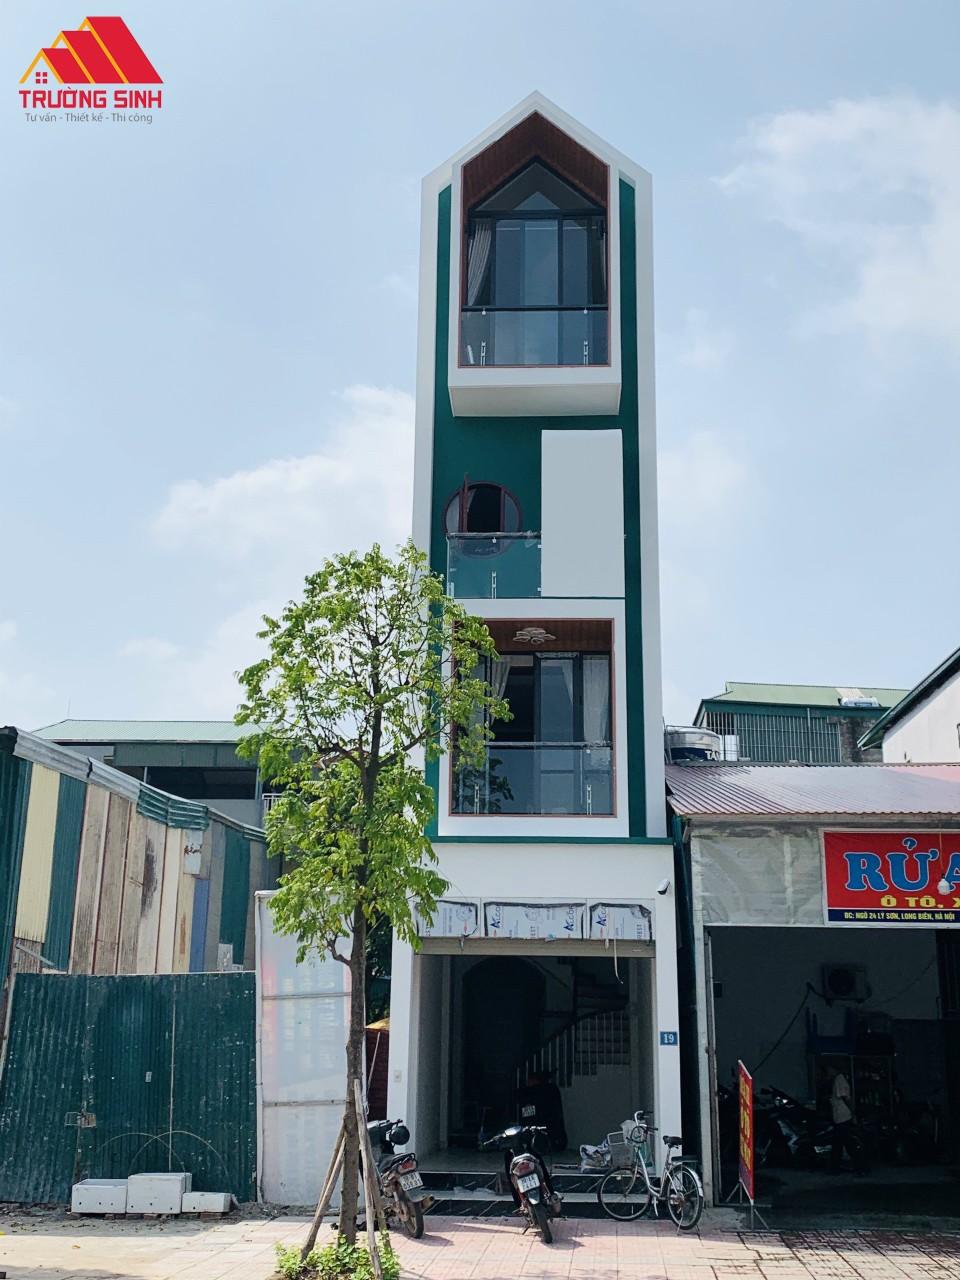 Thực tế thi công các công trình xây nhà trọn gói của Xây Dựng Trường Sinh